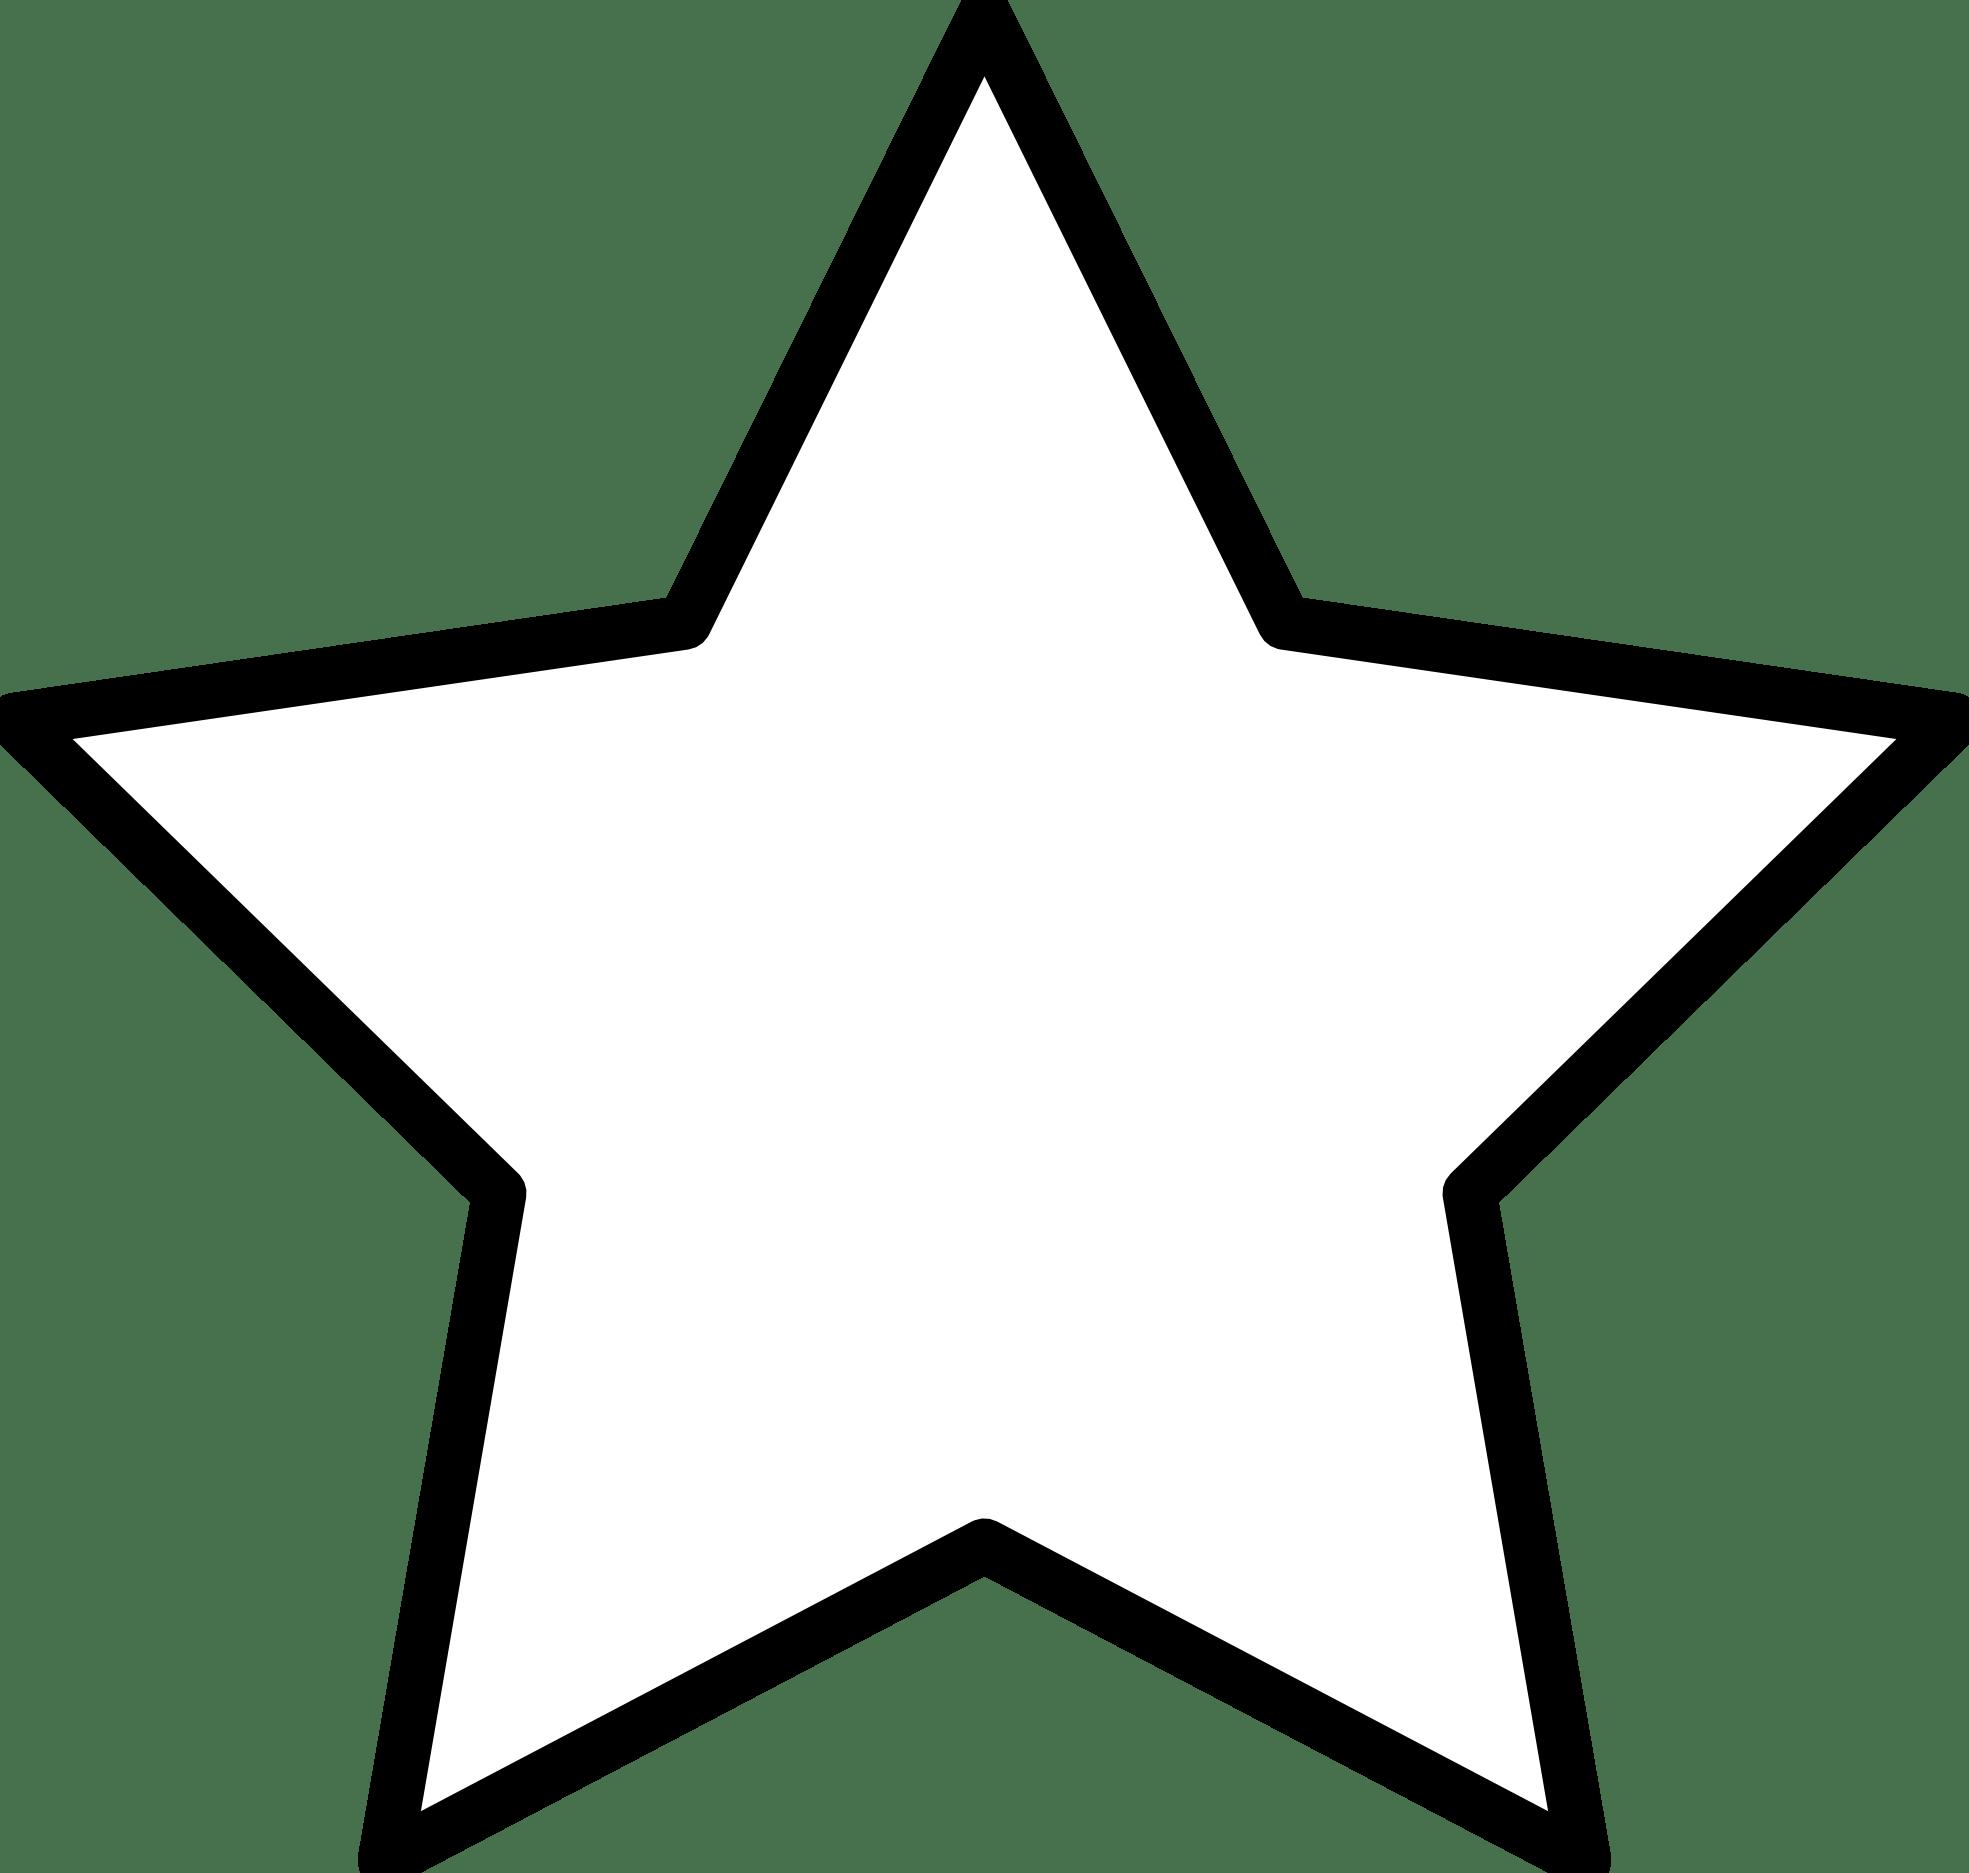 Star Clip Art Outline Black And White